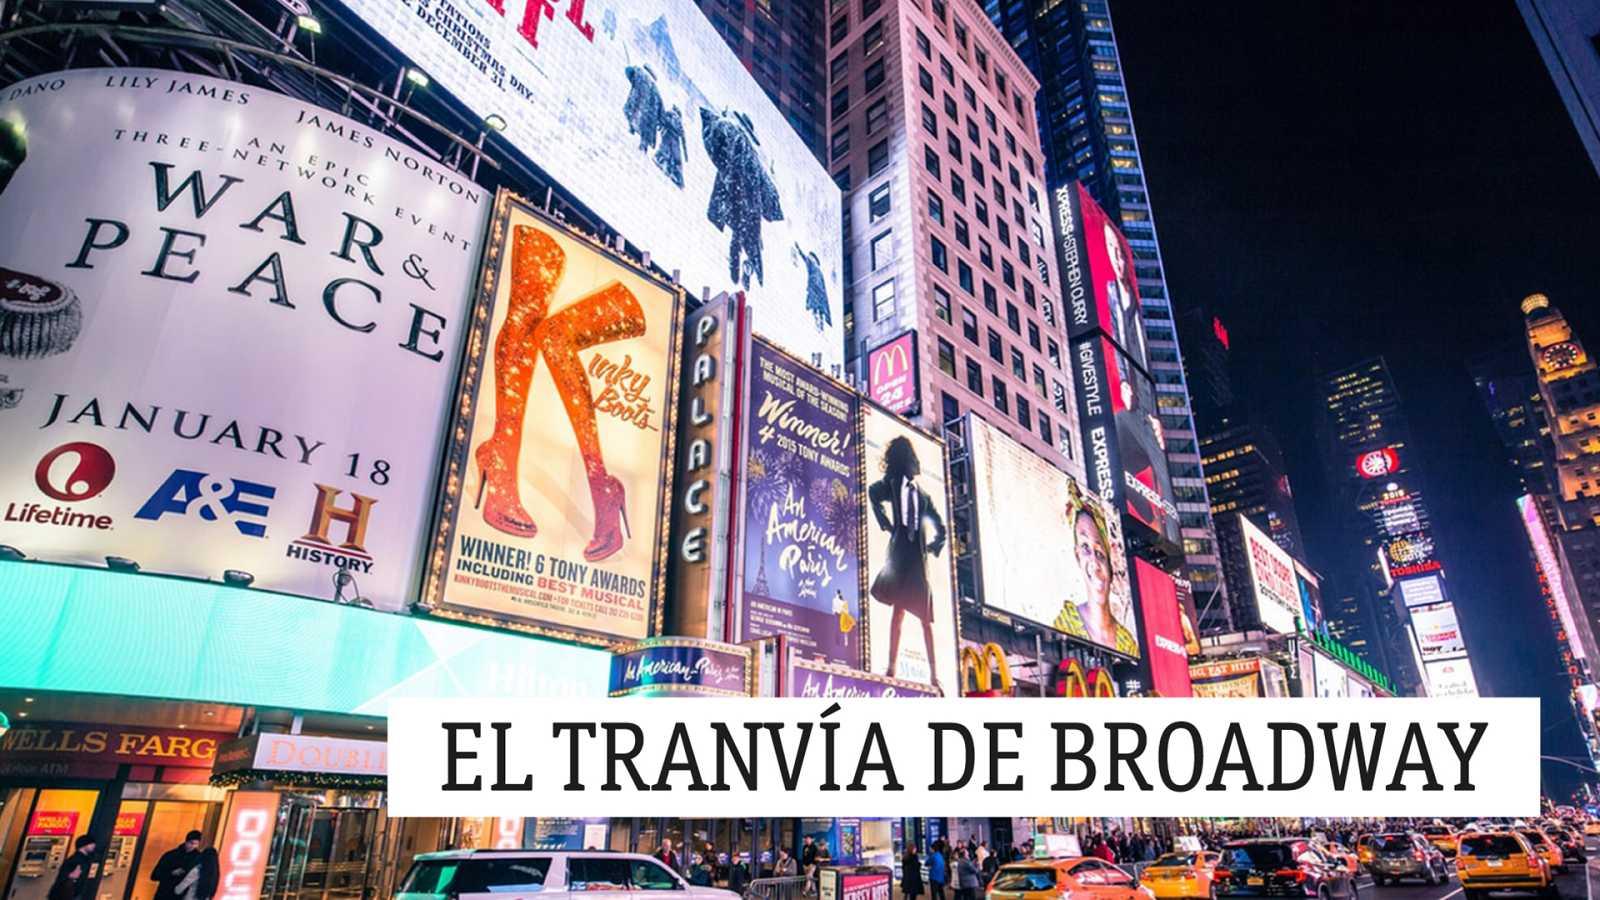 El tranvía de Broadway - Oliver 1968. Banda Sonora Original... - 10/04/21 - escuchar ahora